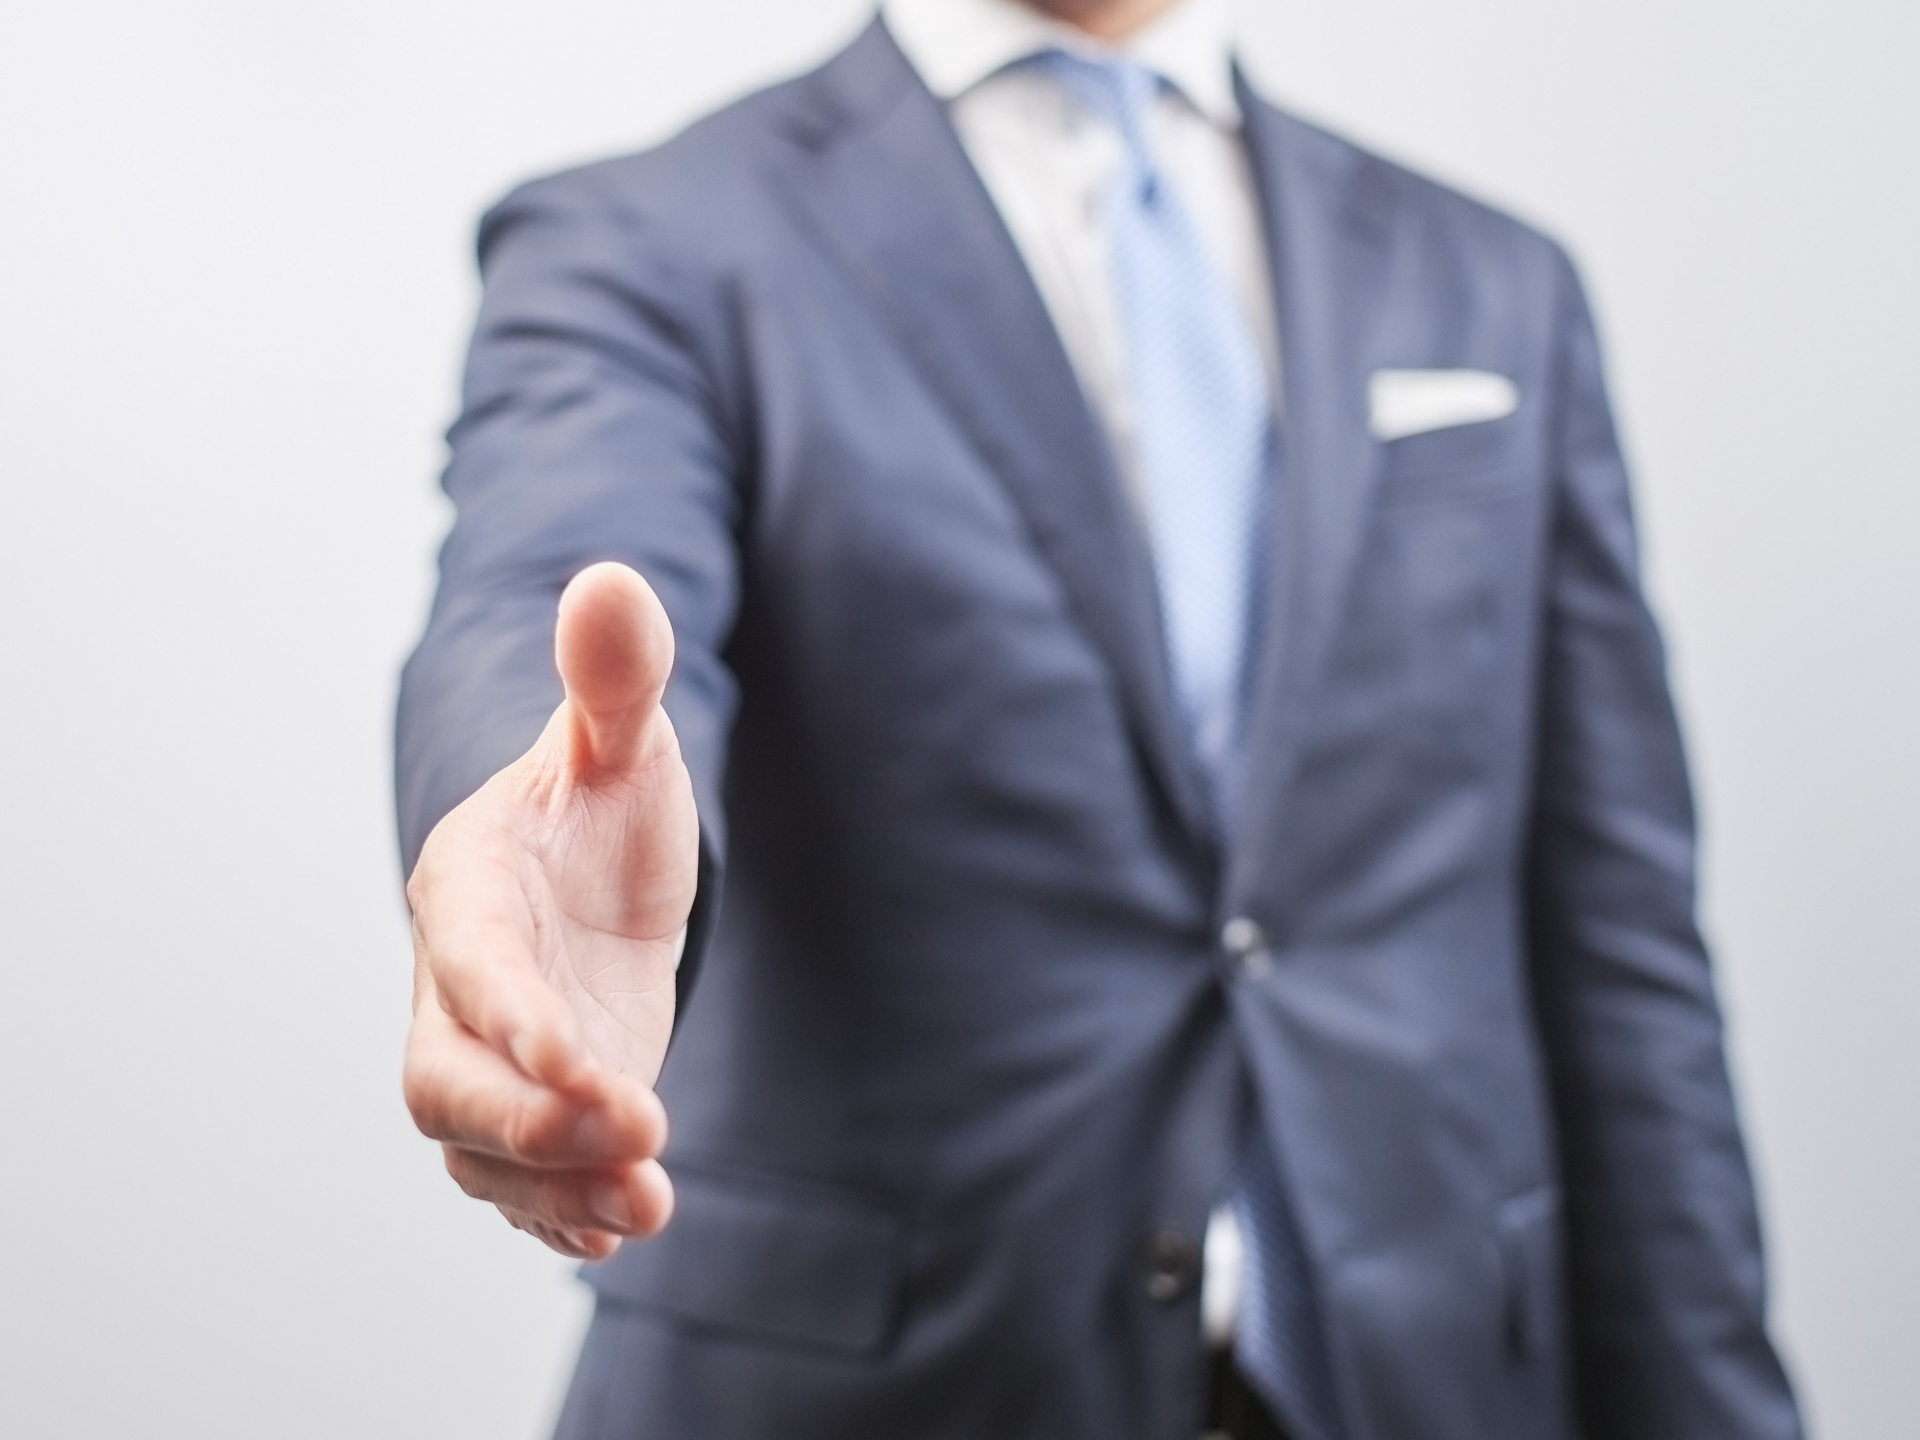 「信用」と「信頼」がビジネスで最も重要な要素である理由